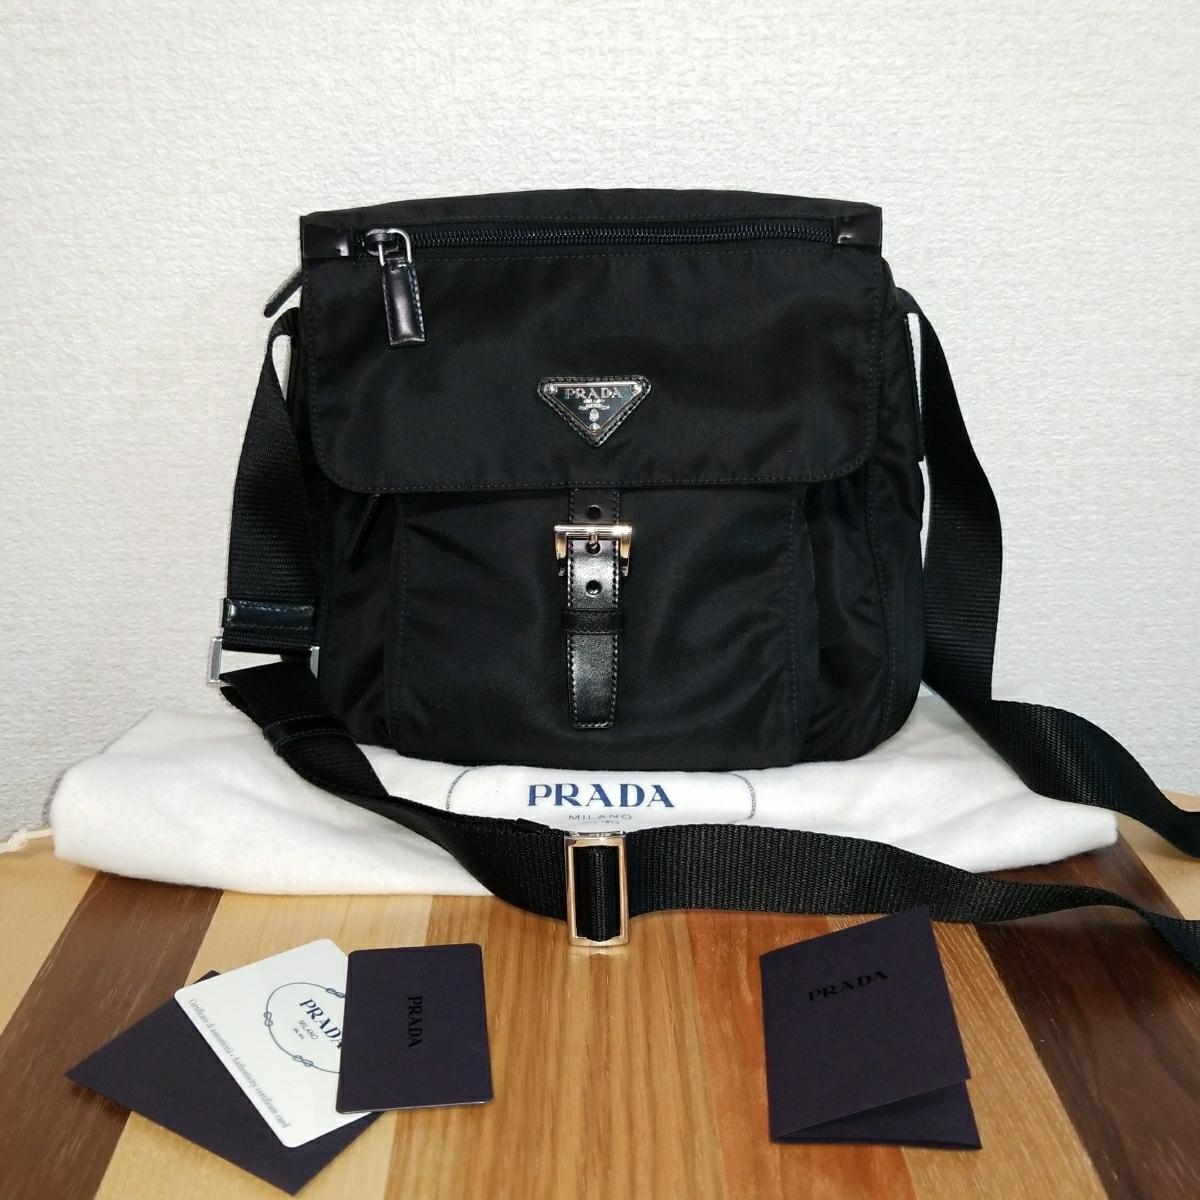 【正規品】新品 PRADA プラダ ショルダーバッグ 保存袋・ギャランティカード付 気持ち良く使って頂けます